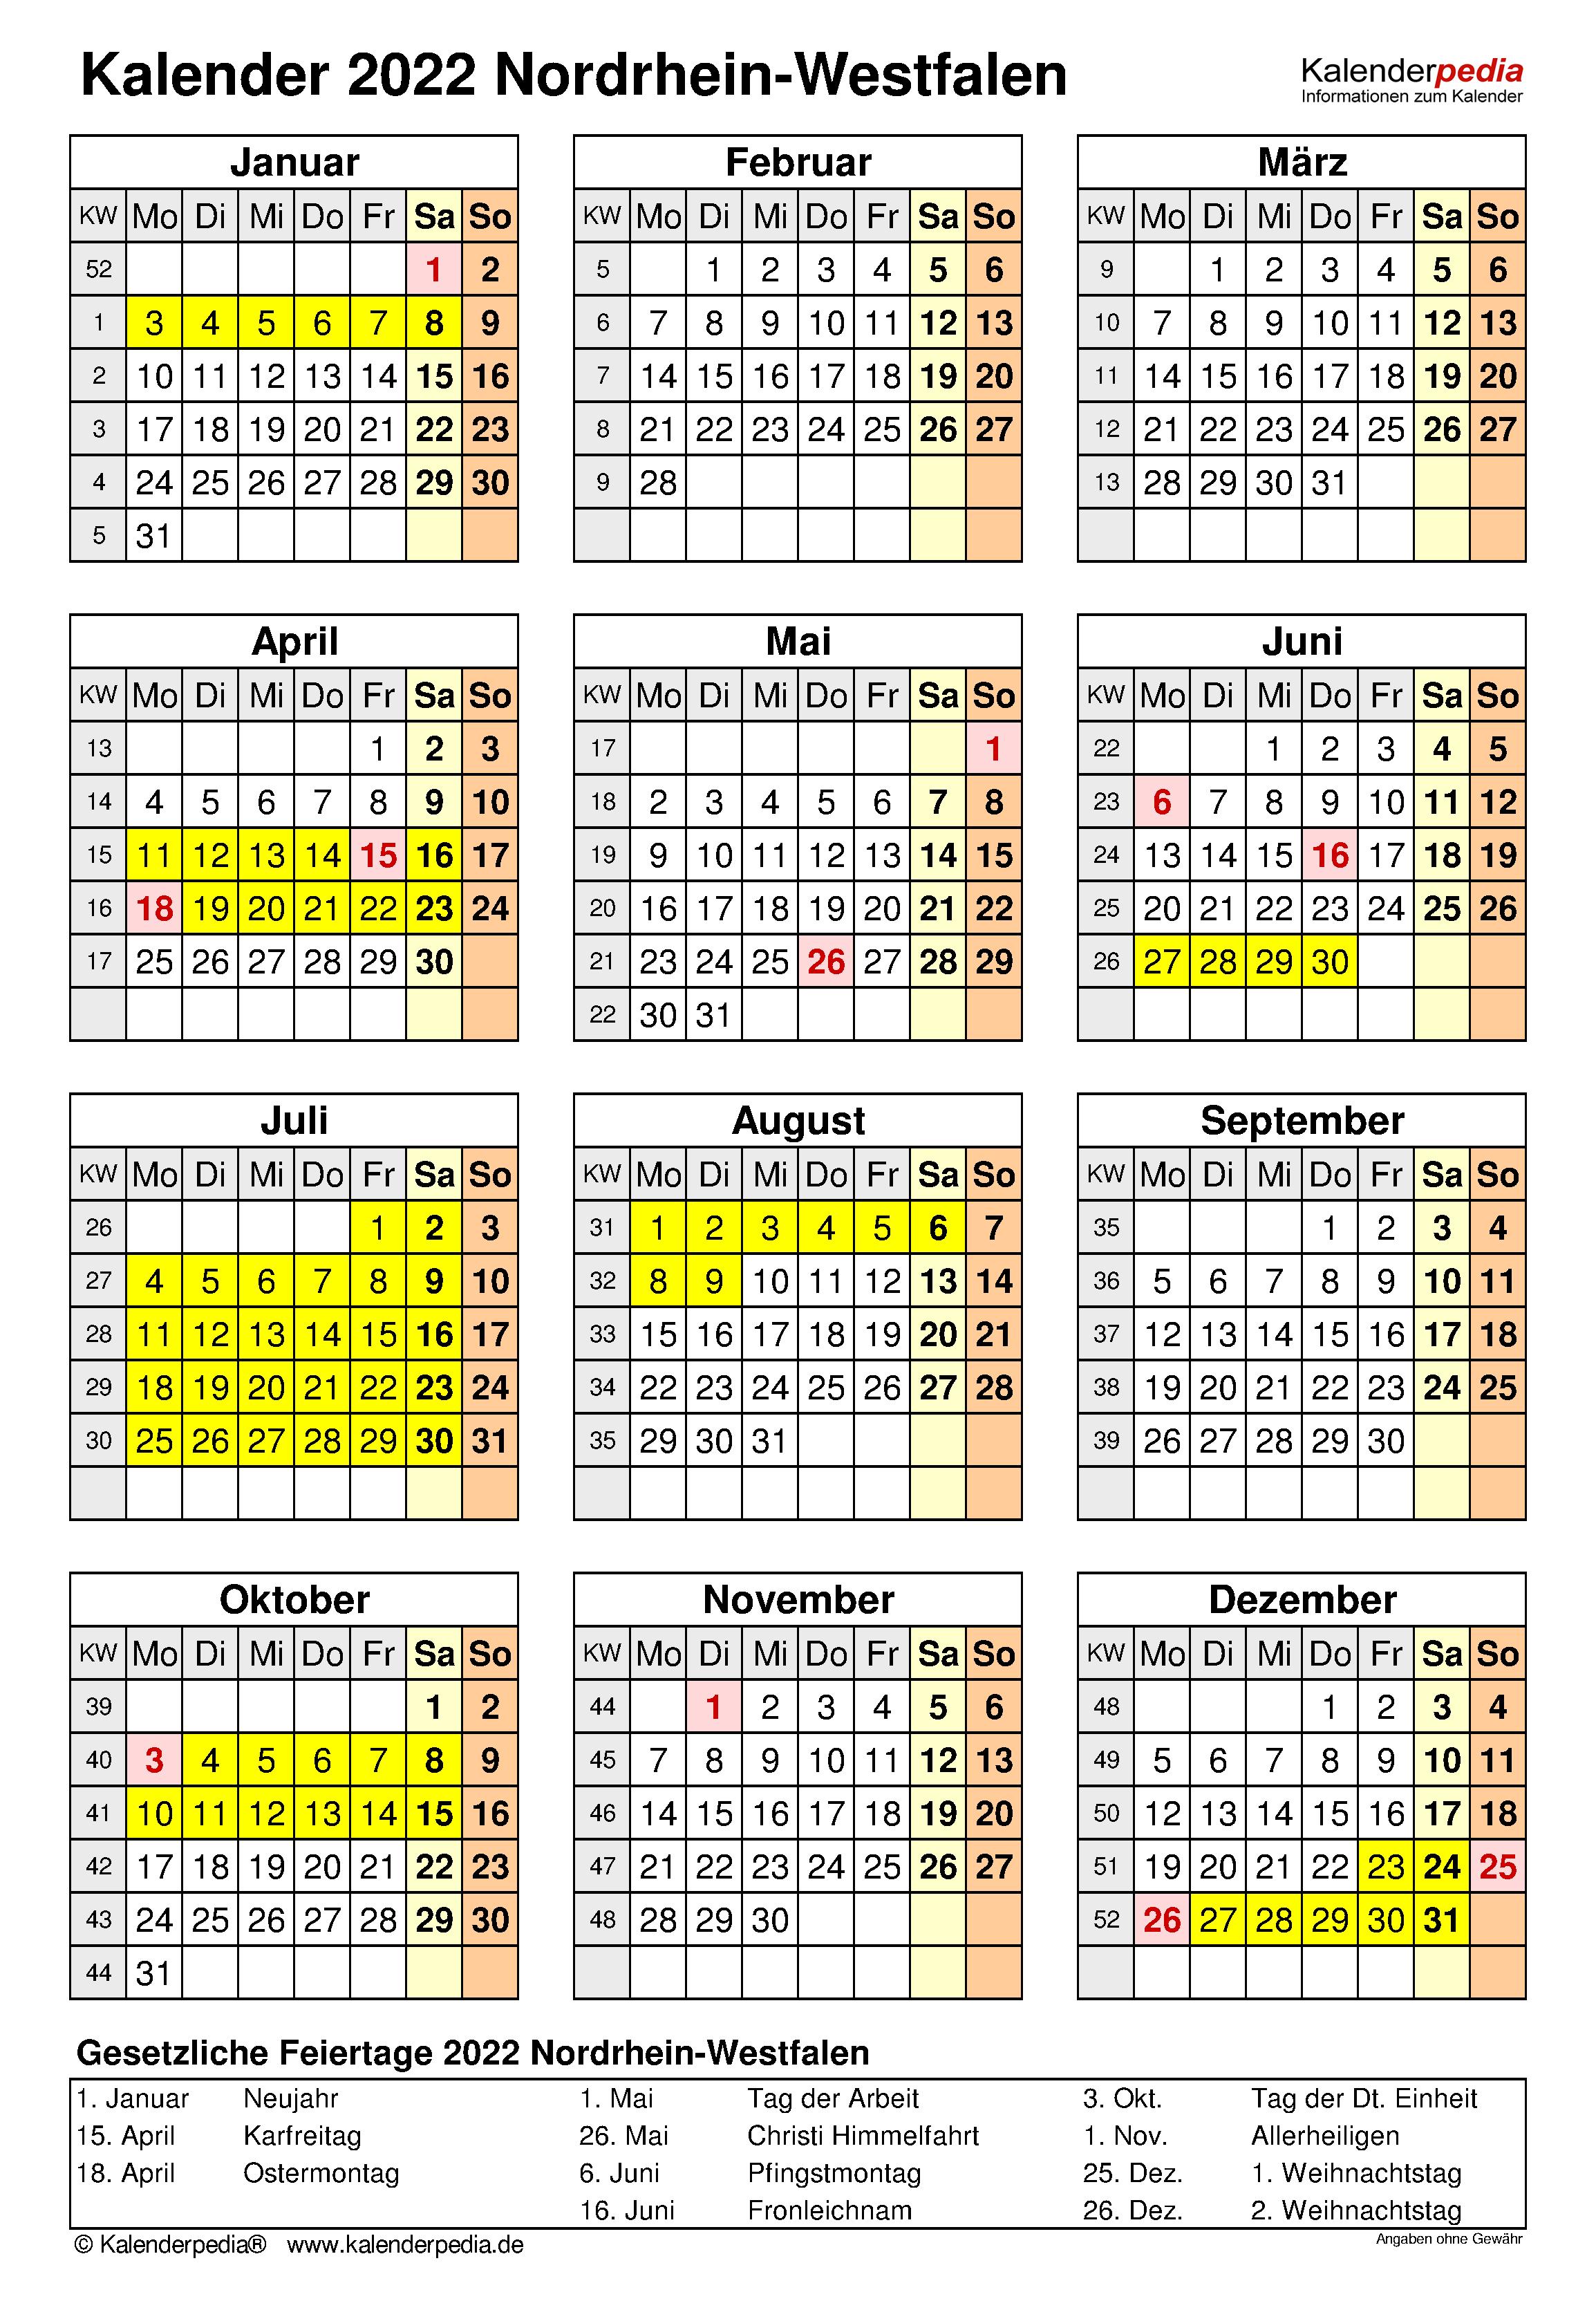 Kalender 2022 NRW: Ferien, Feiertage, Word-Vorlagen